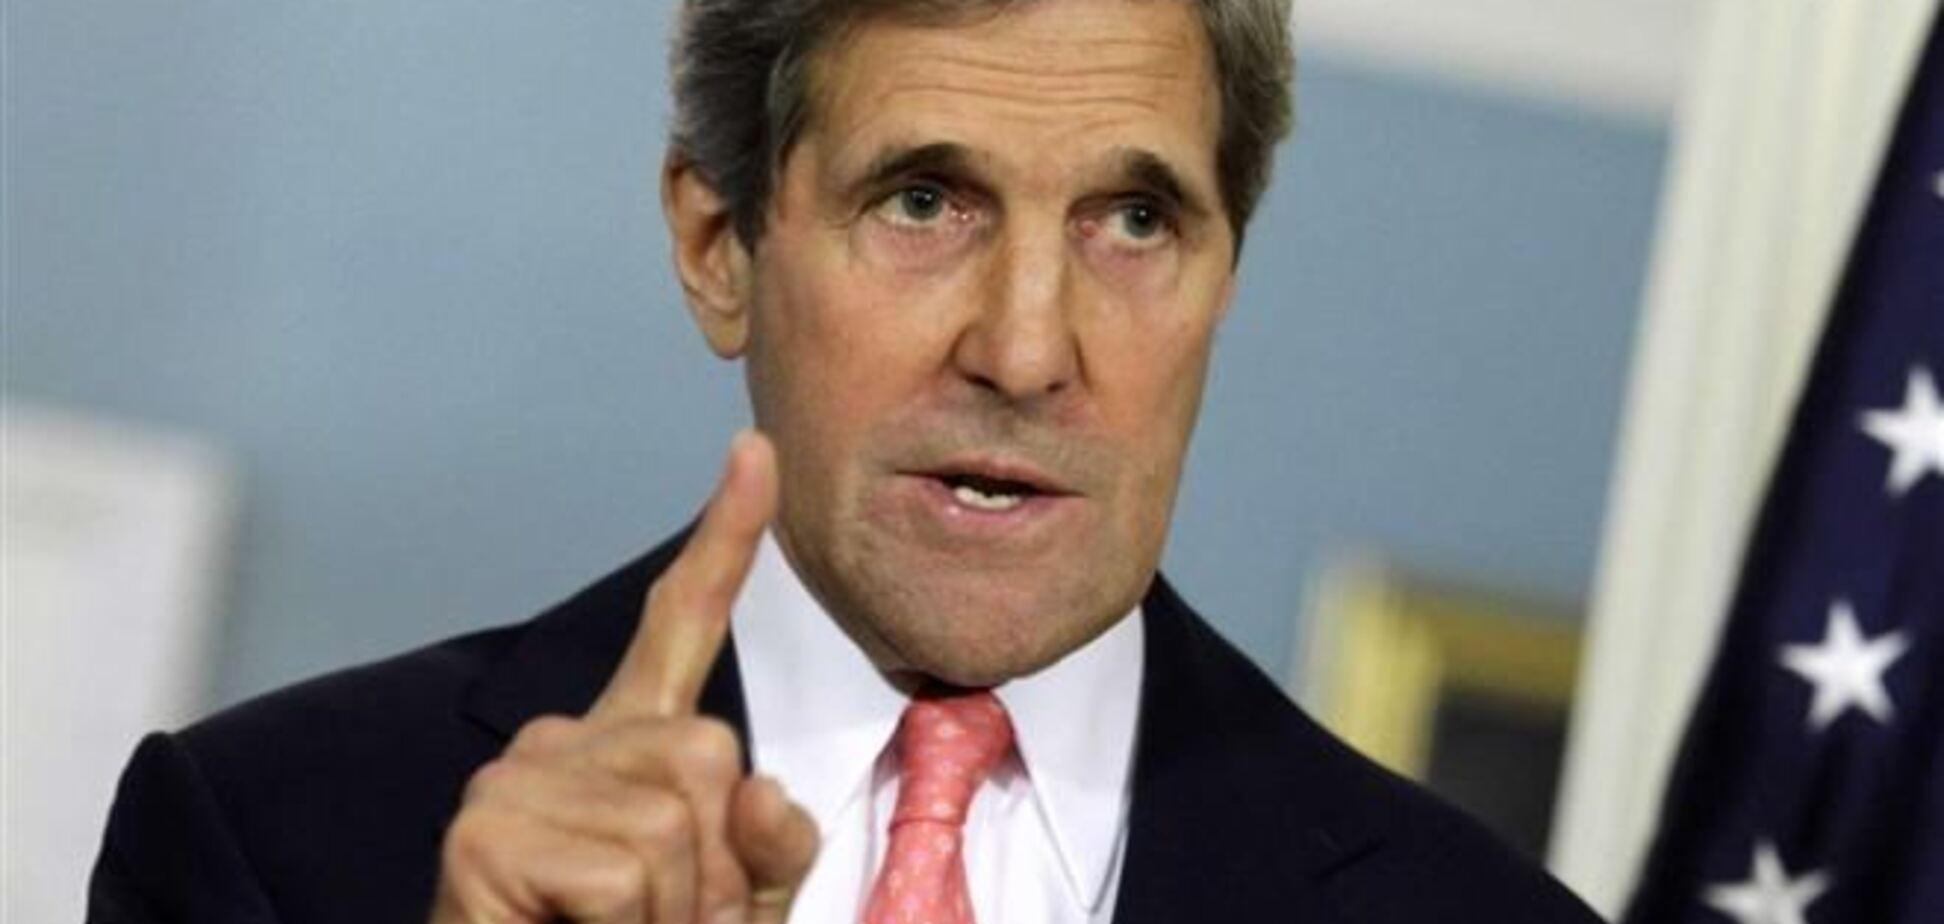 Держсекретар США і опозиція домовилися про конкретні кроки виходу з кризи